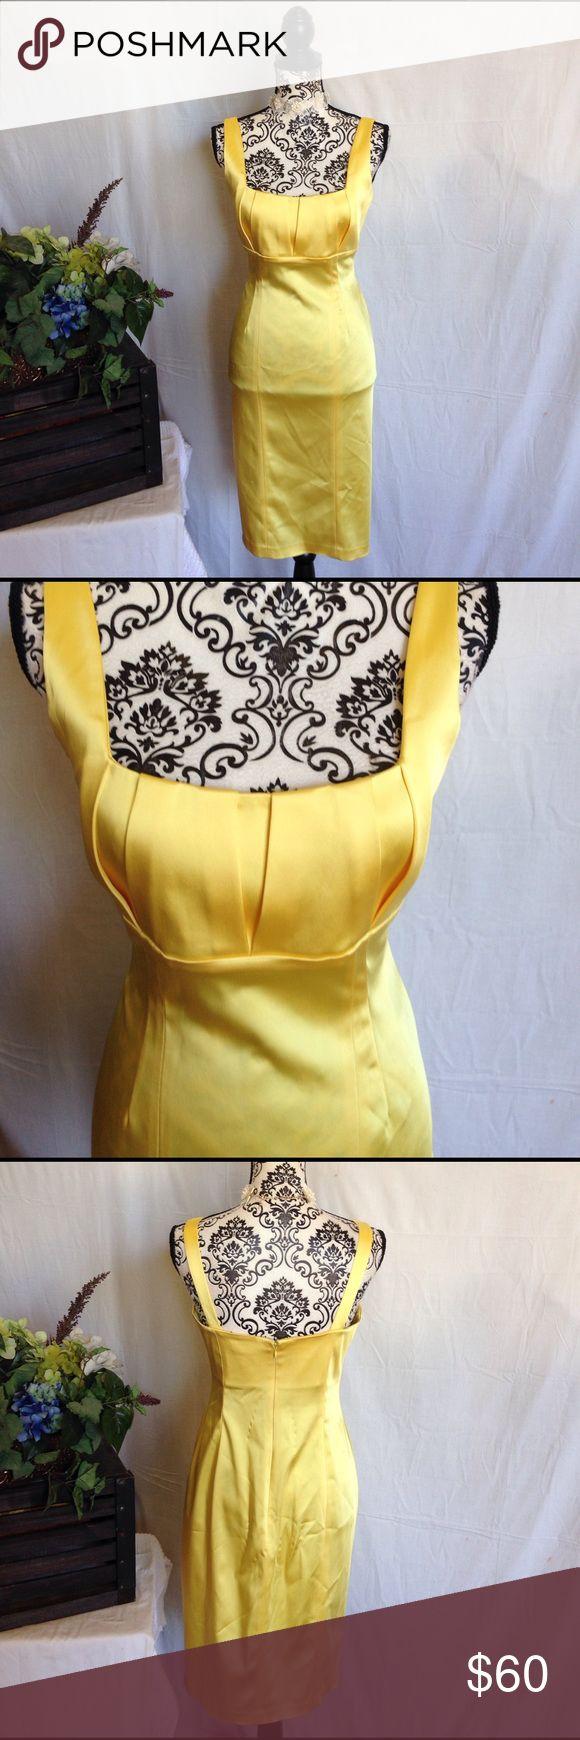 Calvin Klein Yellow Stretch Satin Midi Dress Size 6. Calvin Klein. Stretch satin. No flaws. Free gift. New without tags Calvin Klein Dresses Midi